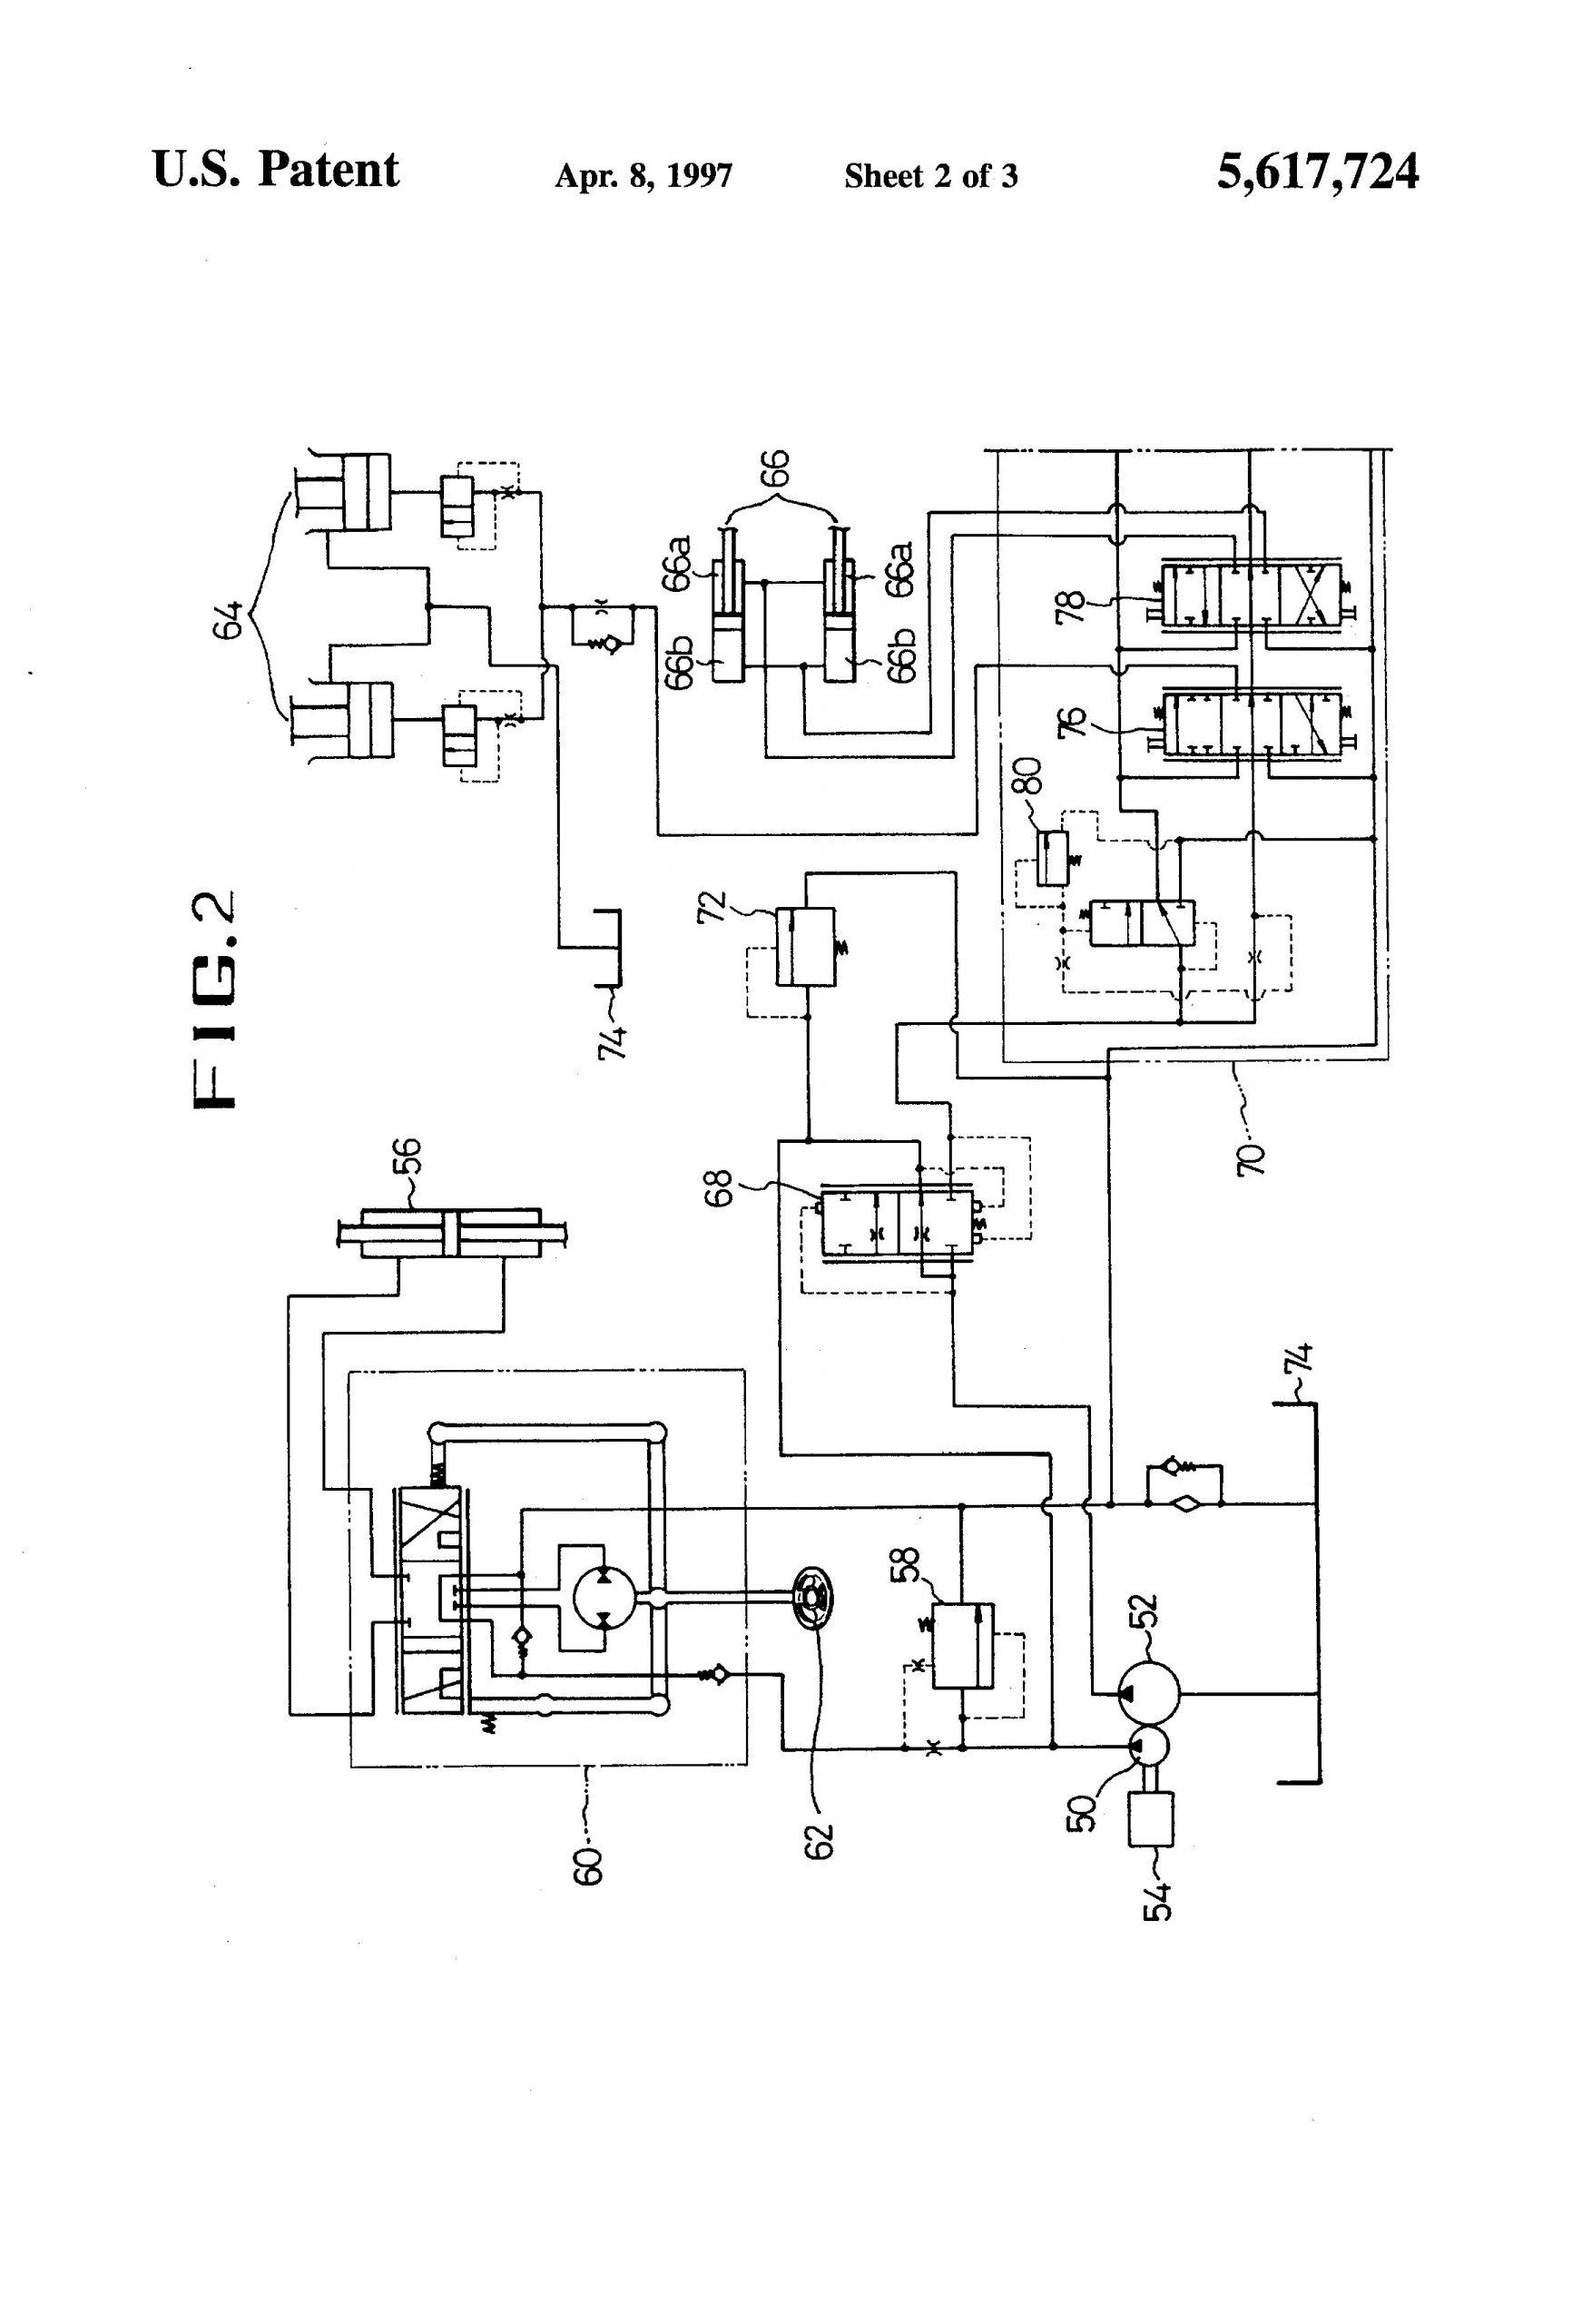 Clark C30l Wiring Diagram Clark Electric forklift Wiring Diagram for Your Needs Of Clark C30l Wiring Diagram